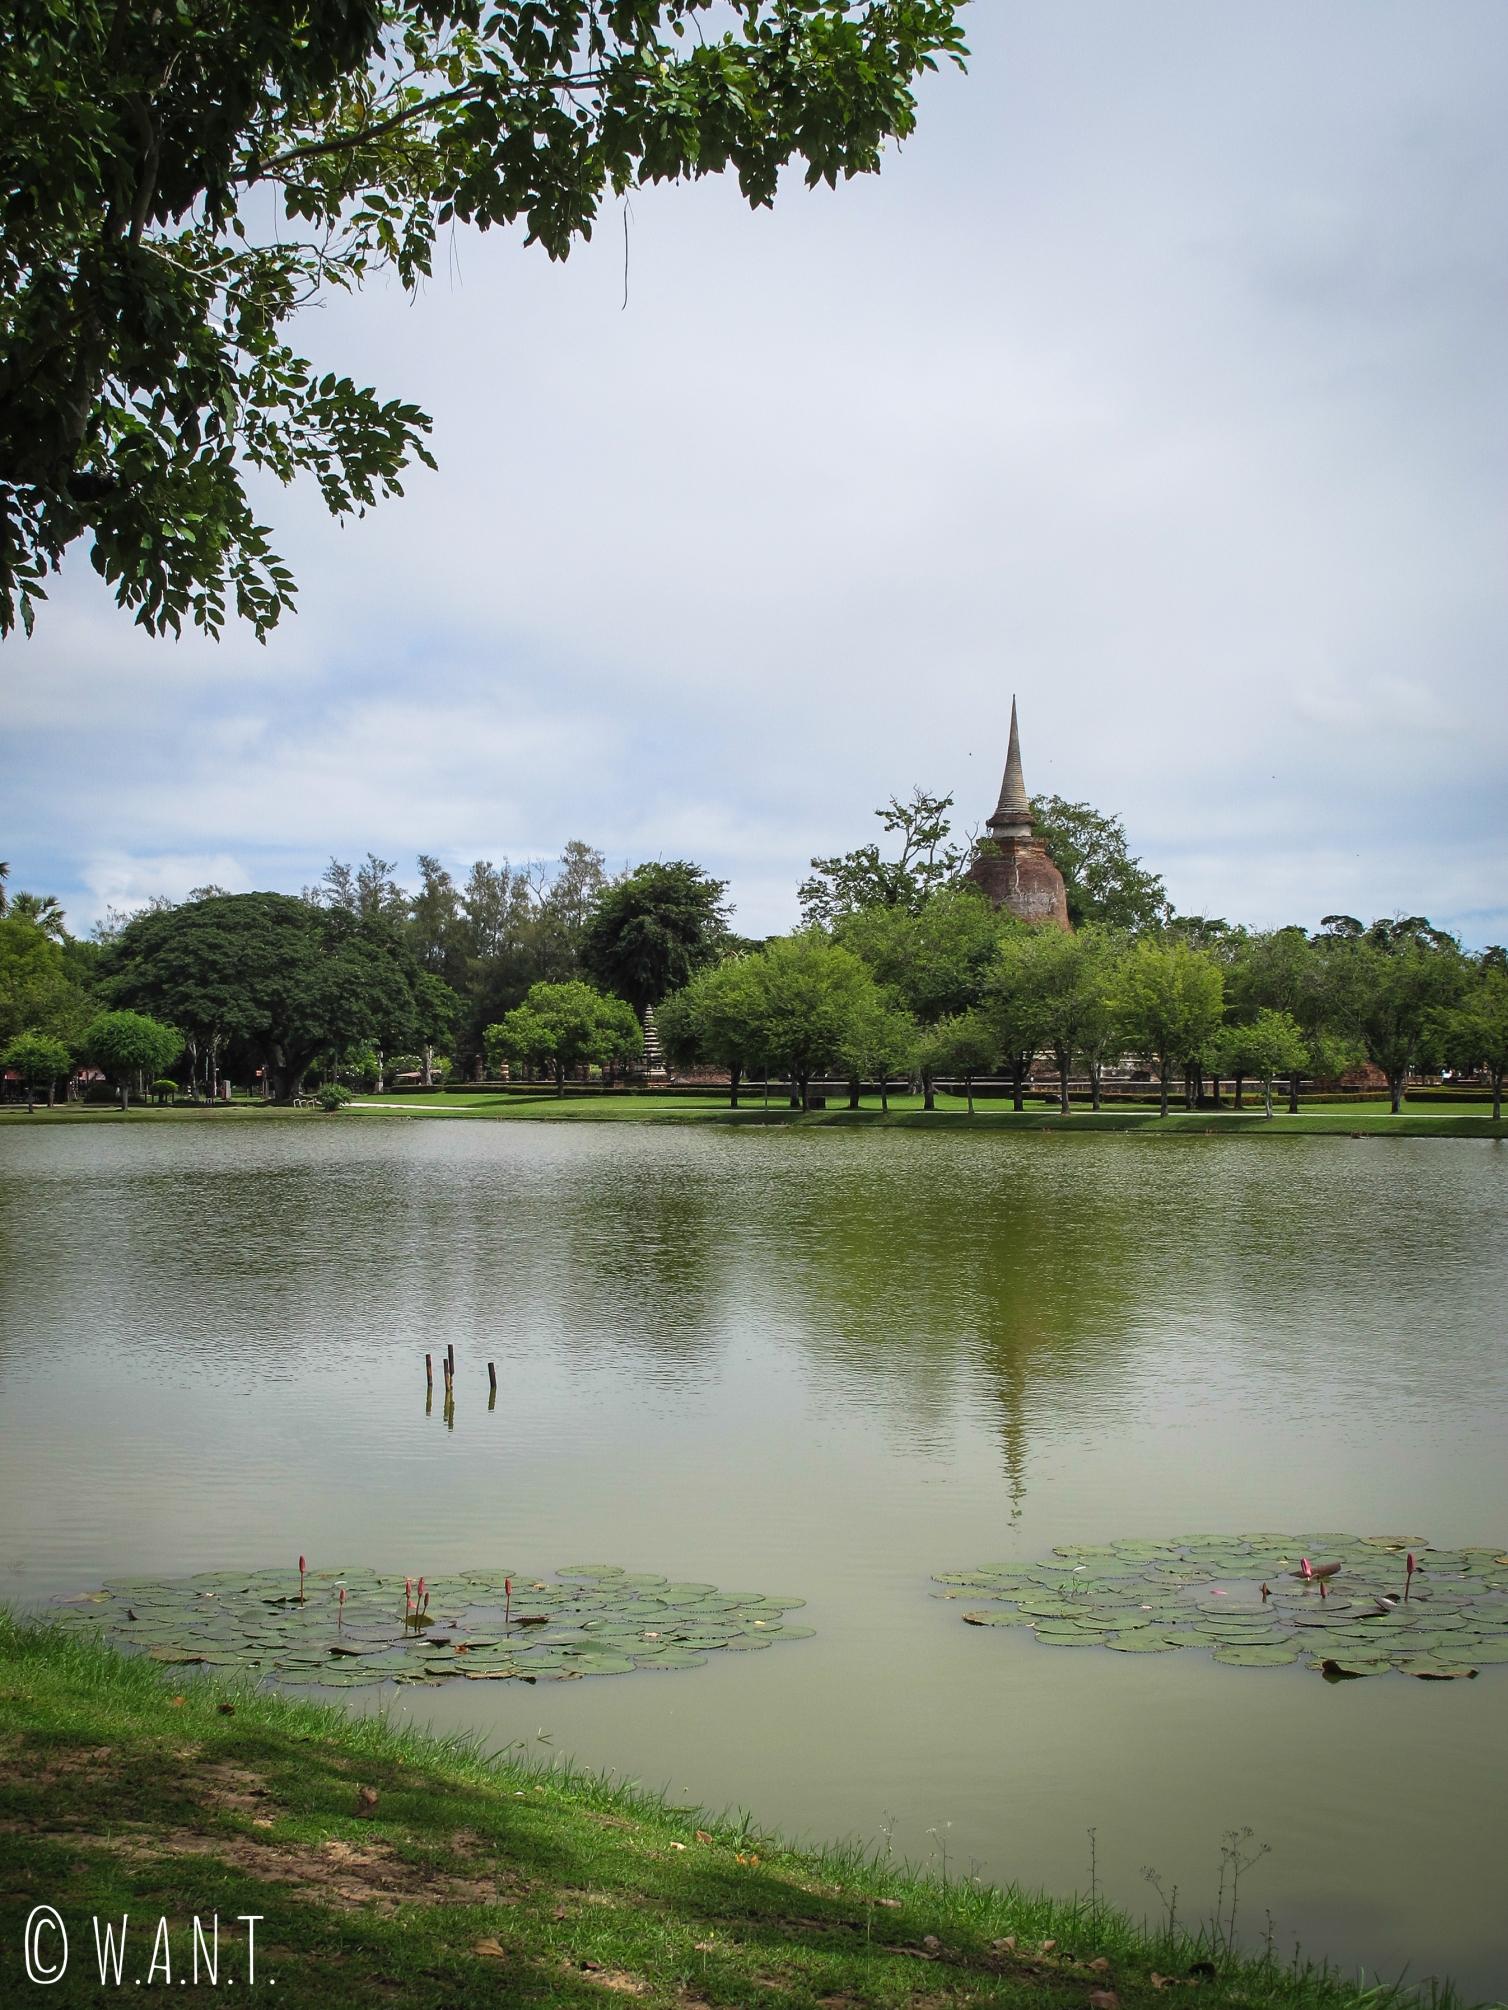 Des lacs entourent les temples dans la zone centrale du parc historique de Sukhothai